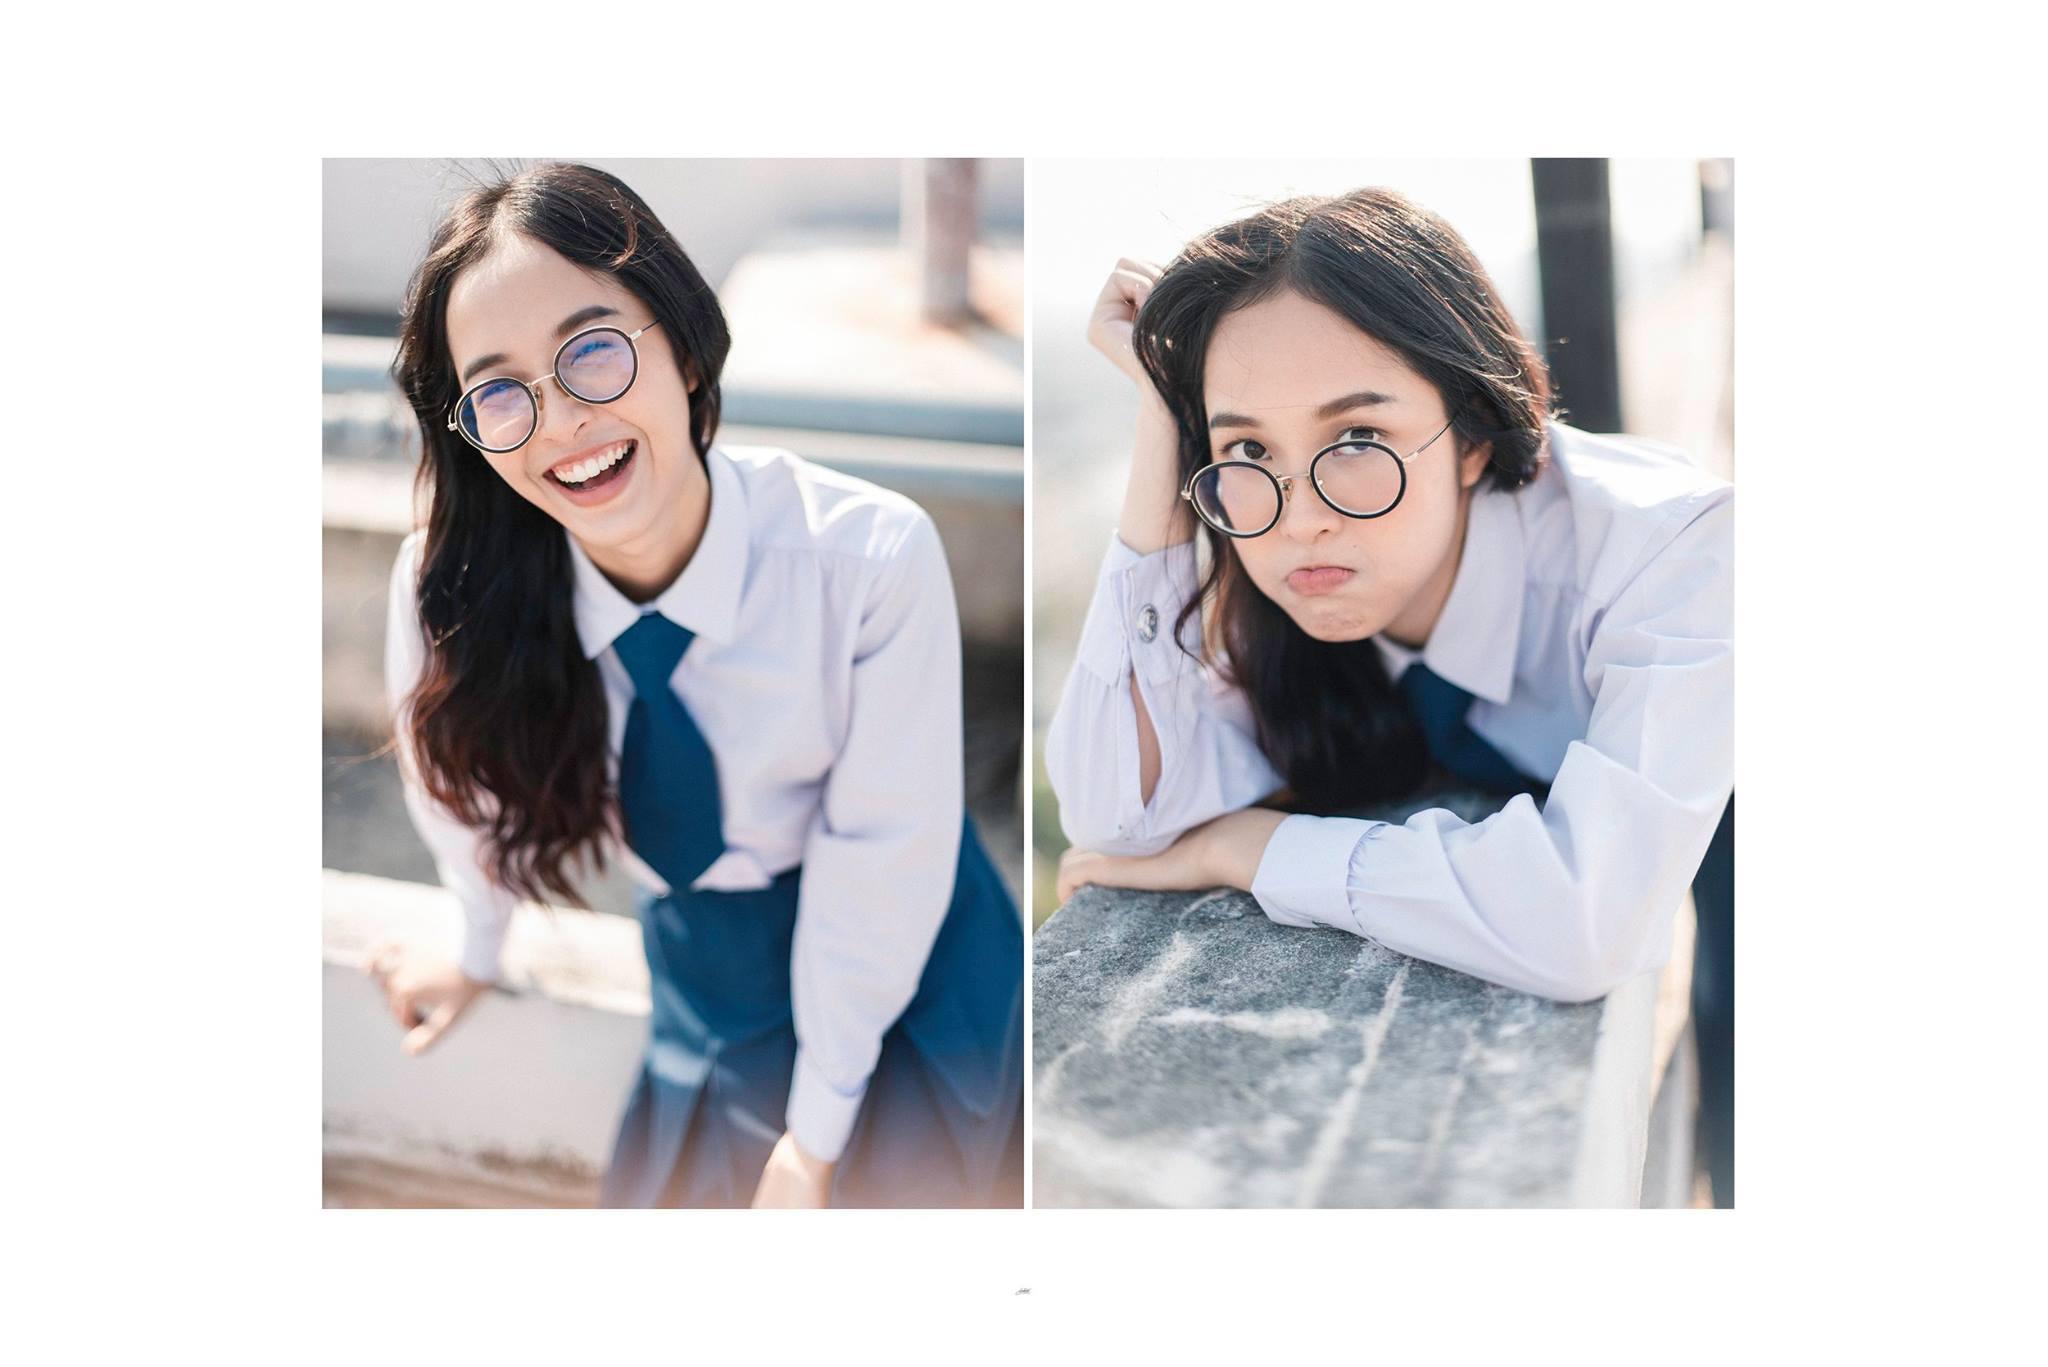 ดาราในชุดนักศึกษา นักเรียน สาวน่ารัก สาวหน้าใส เจ้าหญิงดิสนีย์